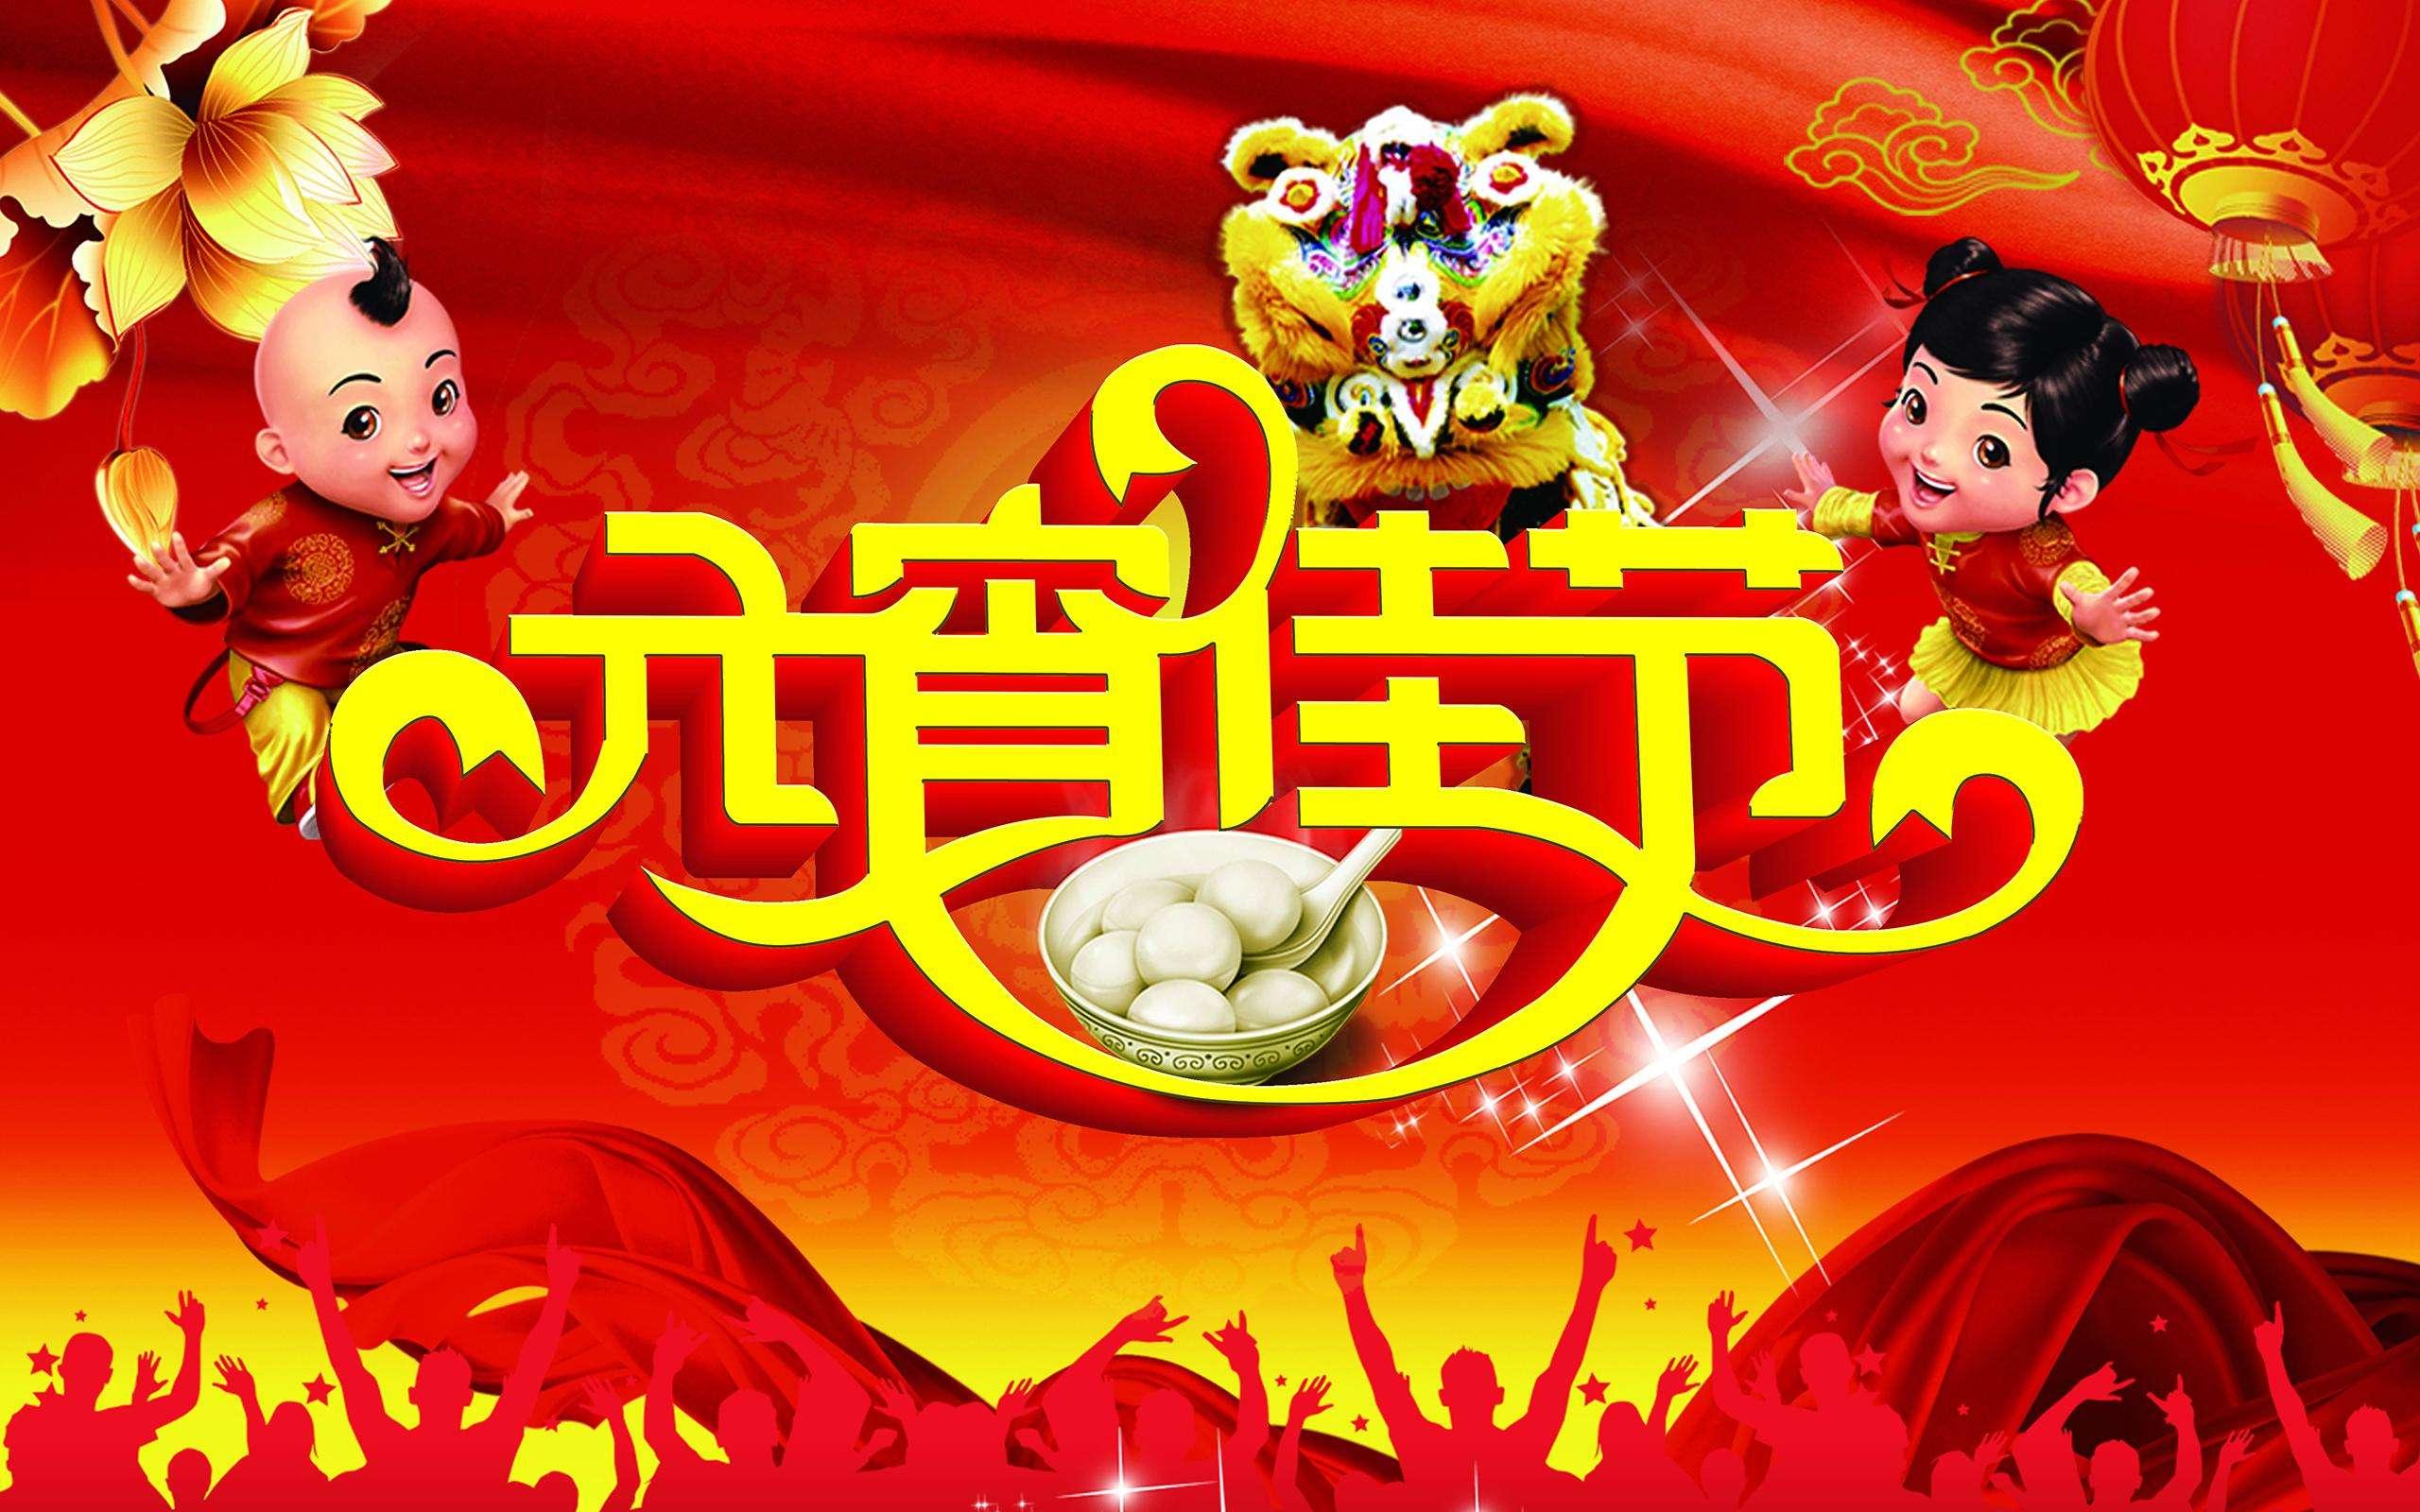 吃汤圆庆团圆 酷开电视陪你欢乐庆元宵